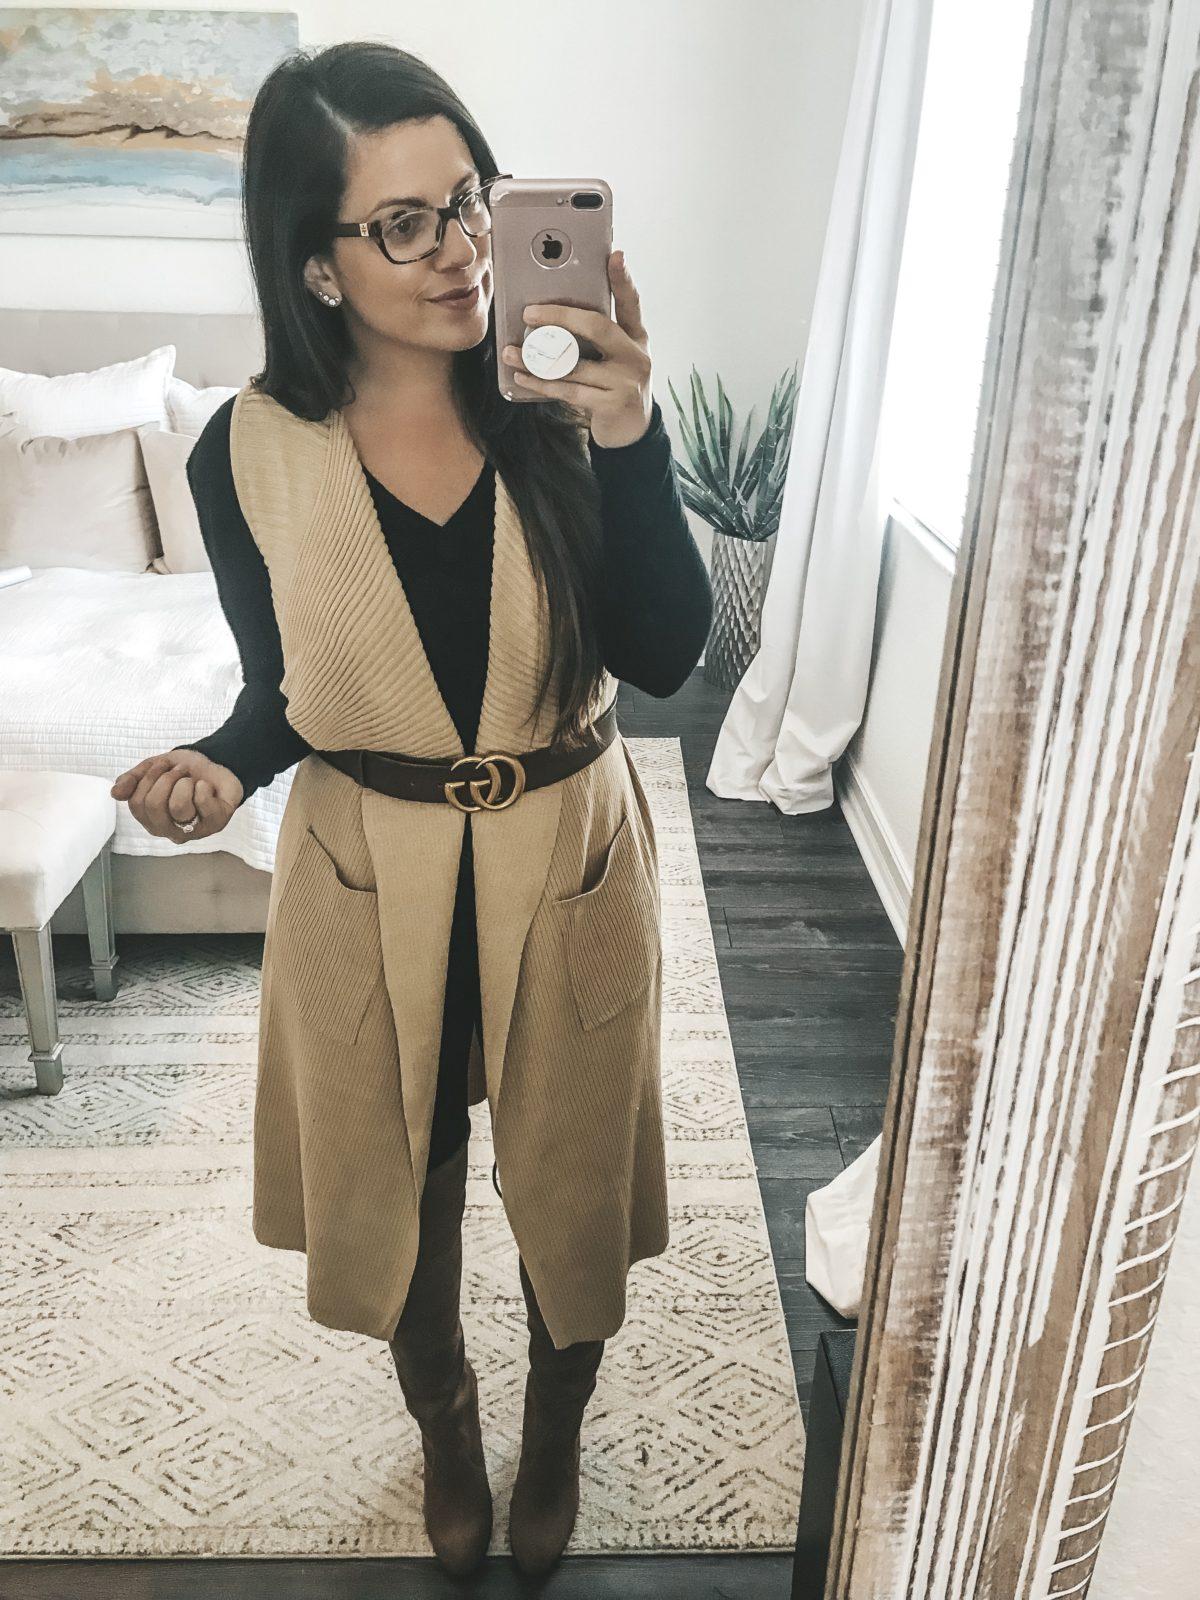 Amazon Fashion sweater vest, Gucci belt